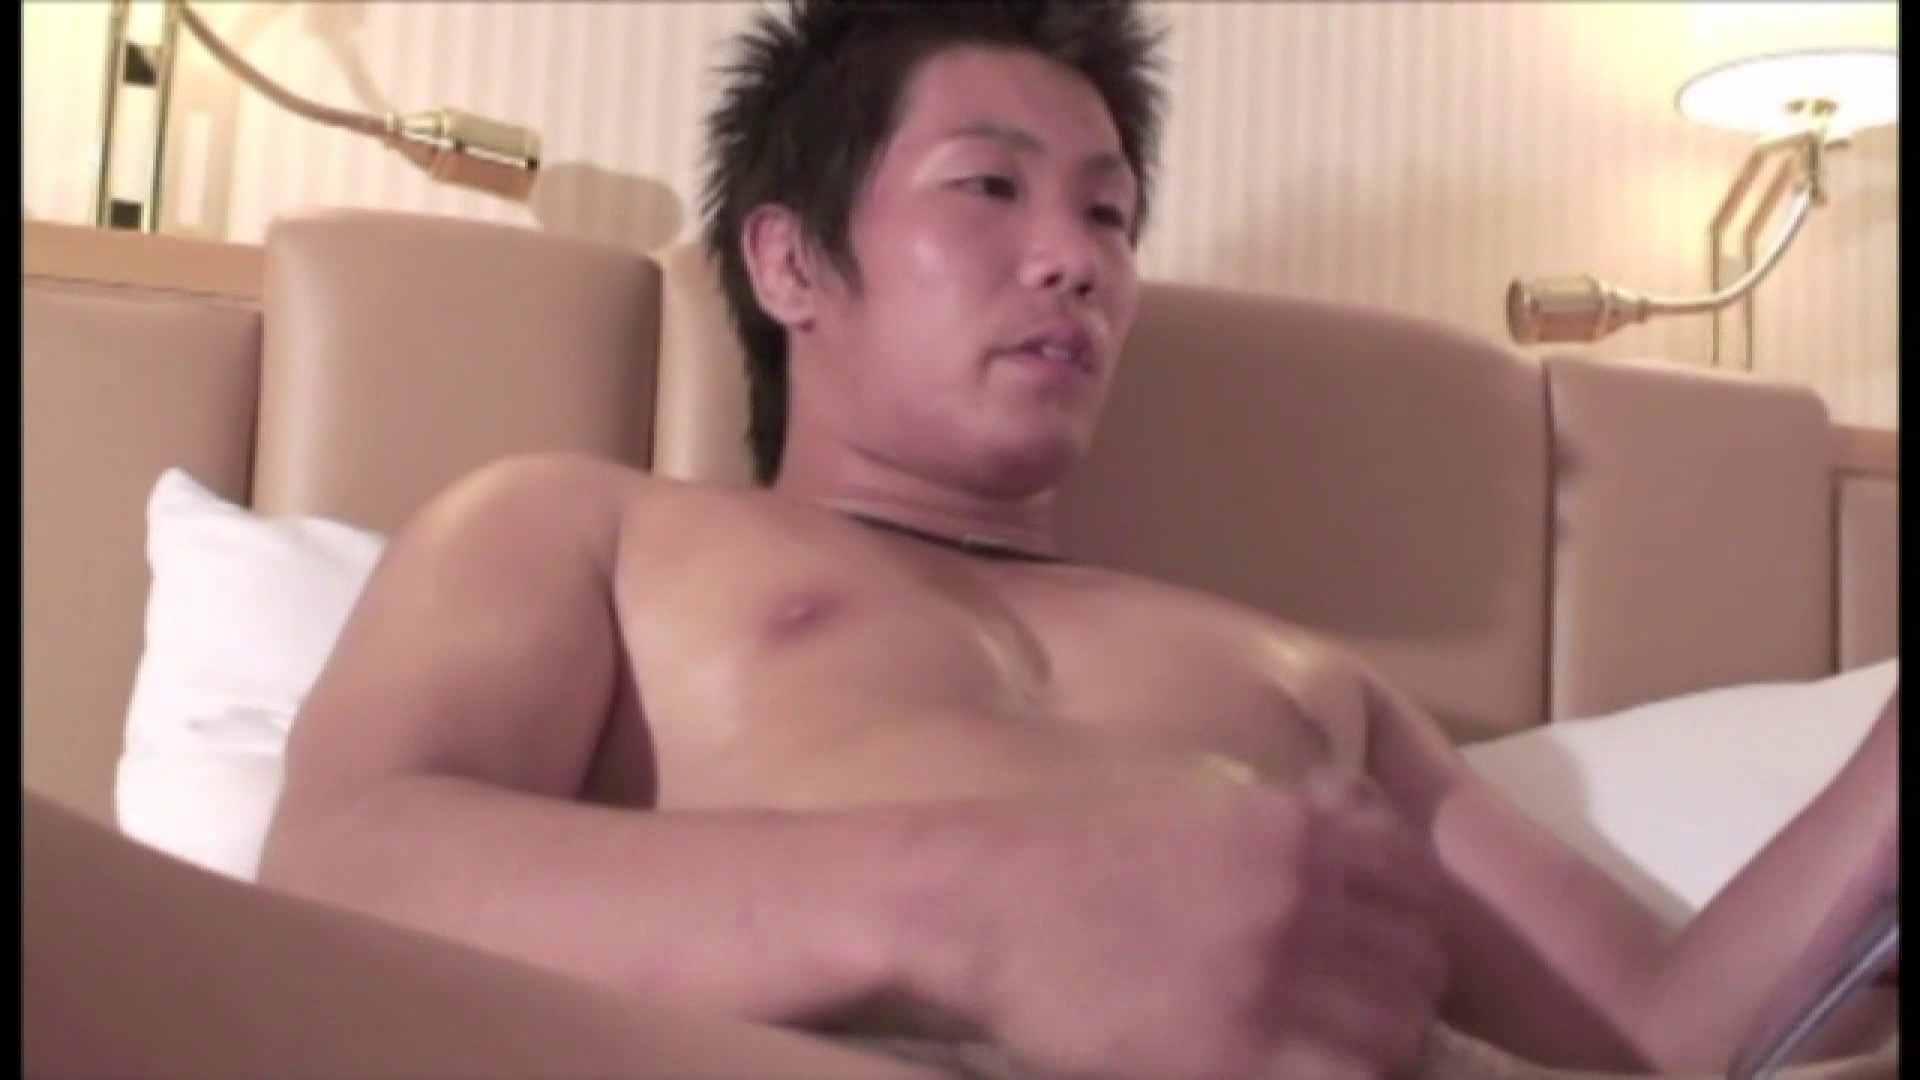 ノンケイケメンの欲望と肉棒 Vol.25 エロ  90pic 84